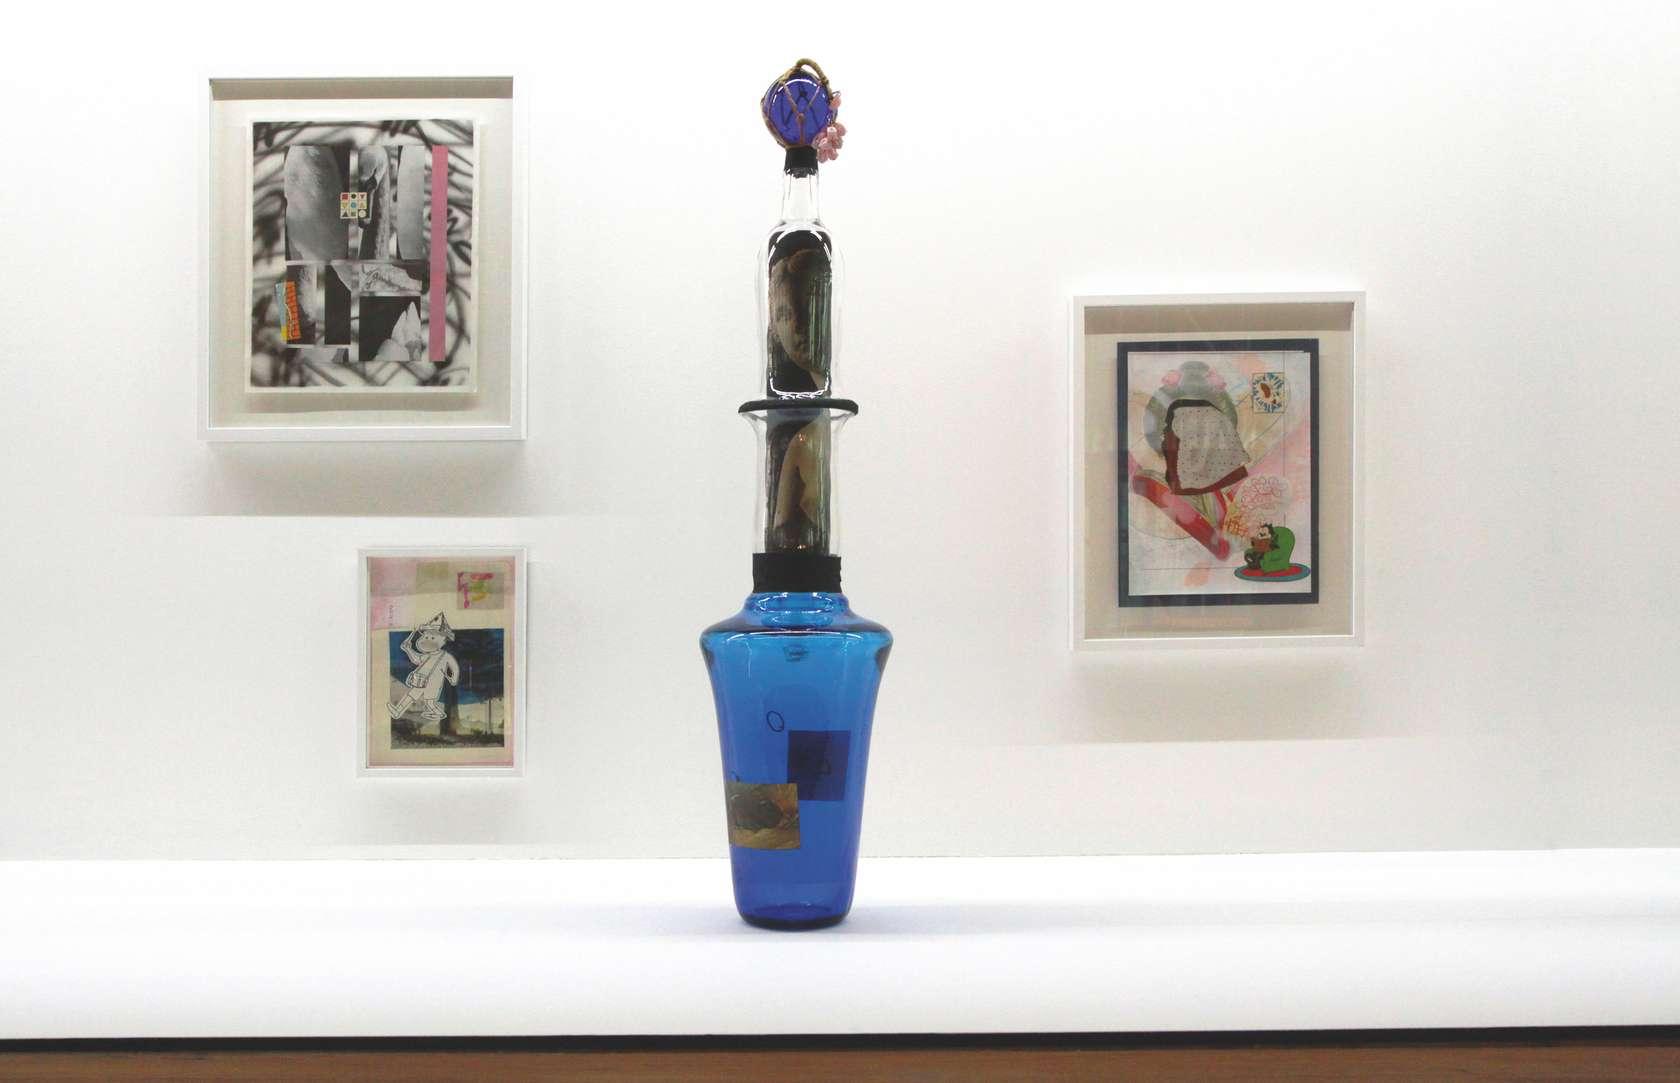 Hippolyte Hentgen Overlay Musée du cristal Saint-Louis, Saint-Louis-lès-Bitche (FR) 7 février  — 18 juin 2018